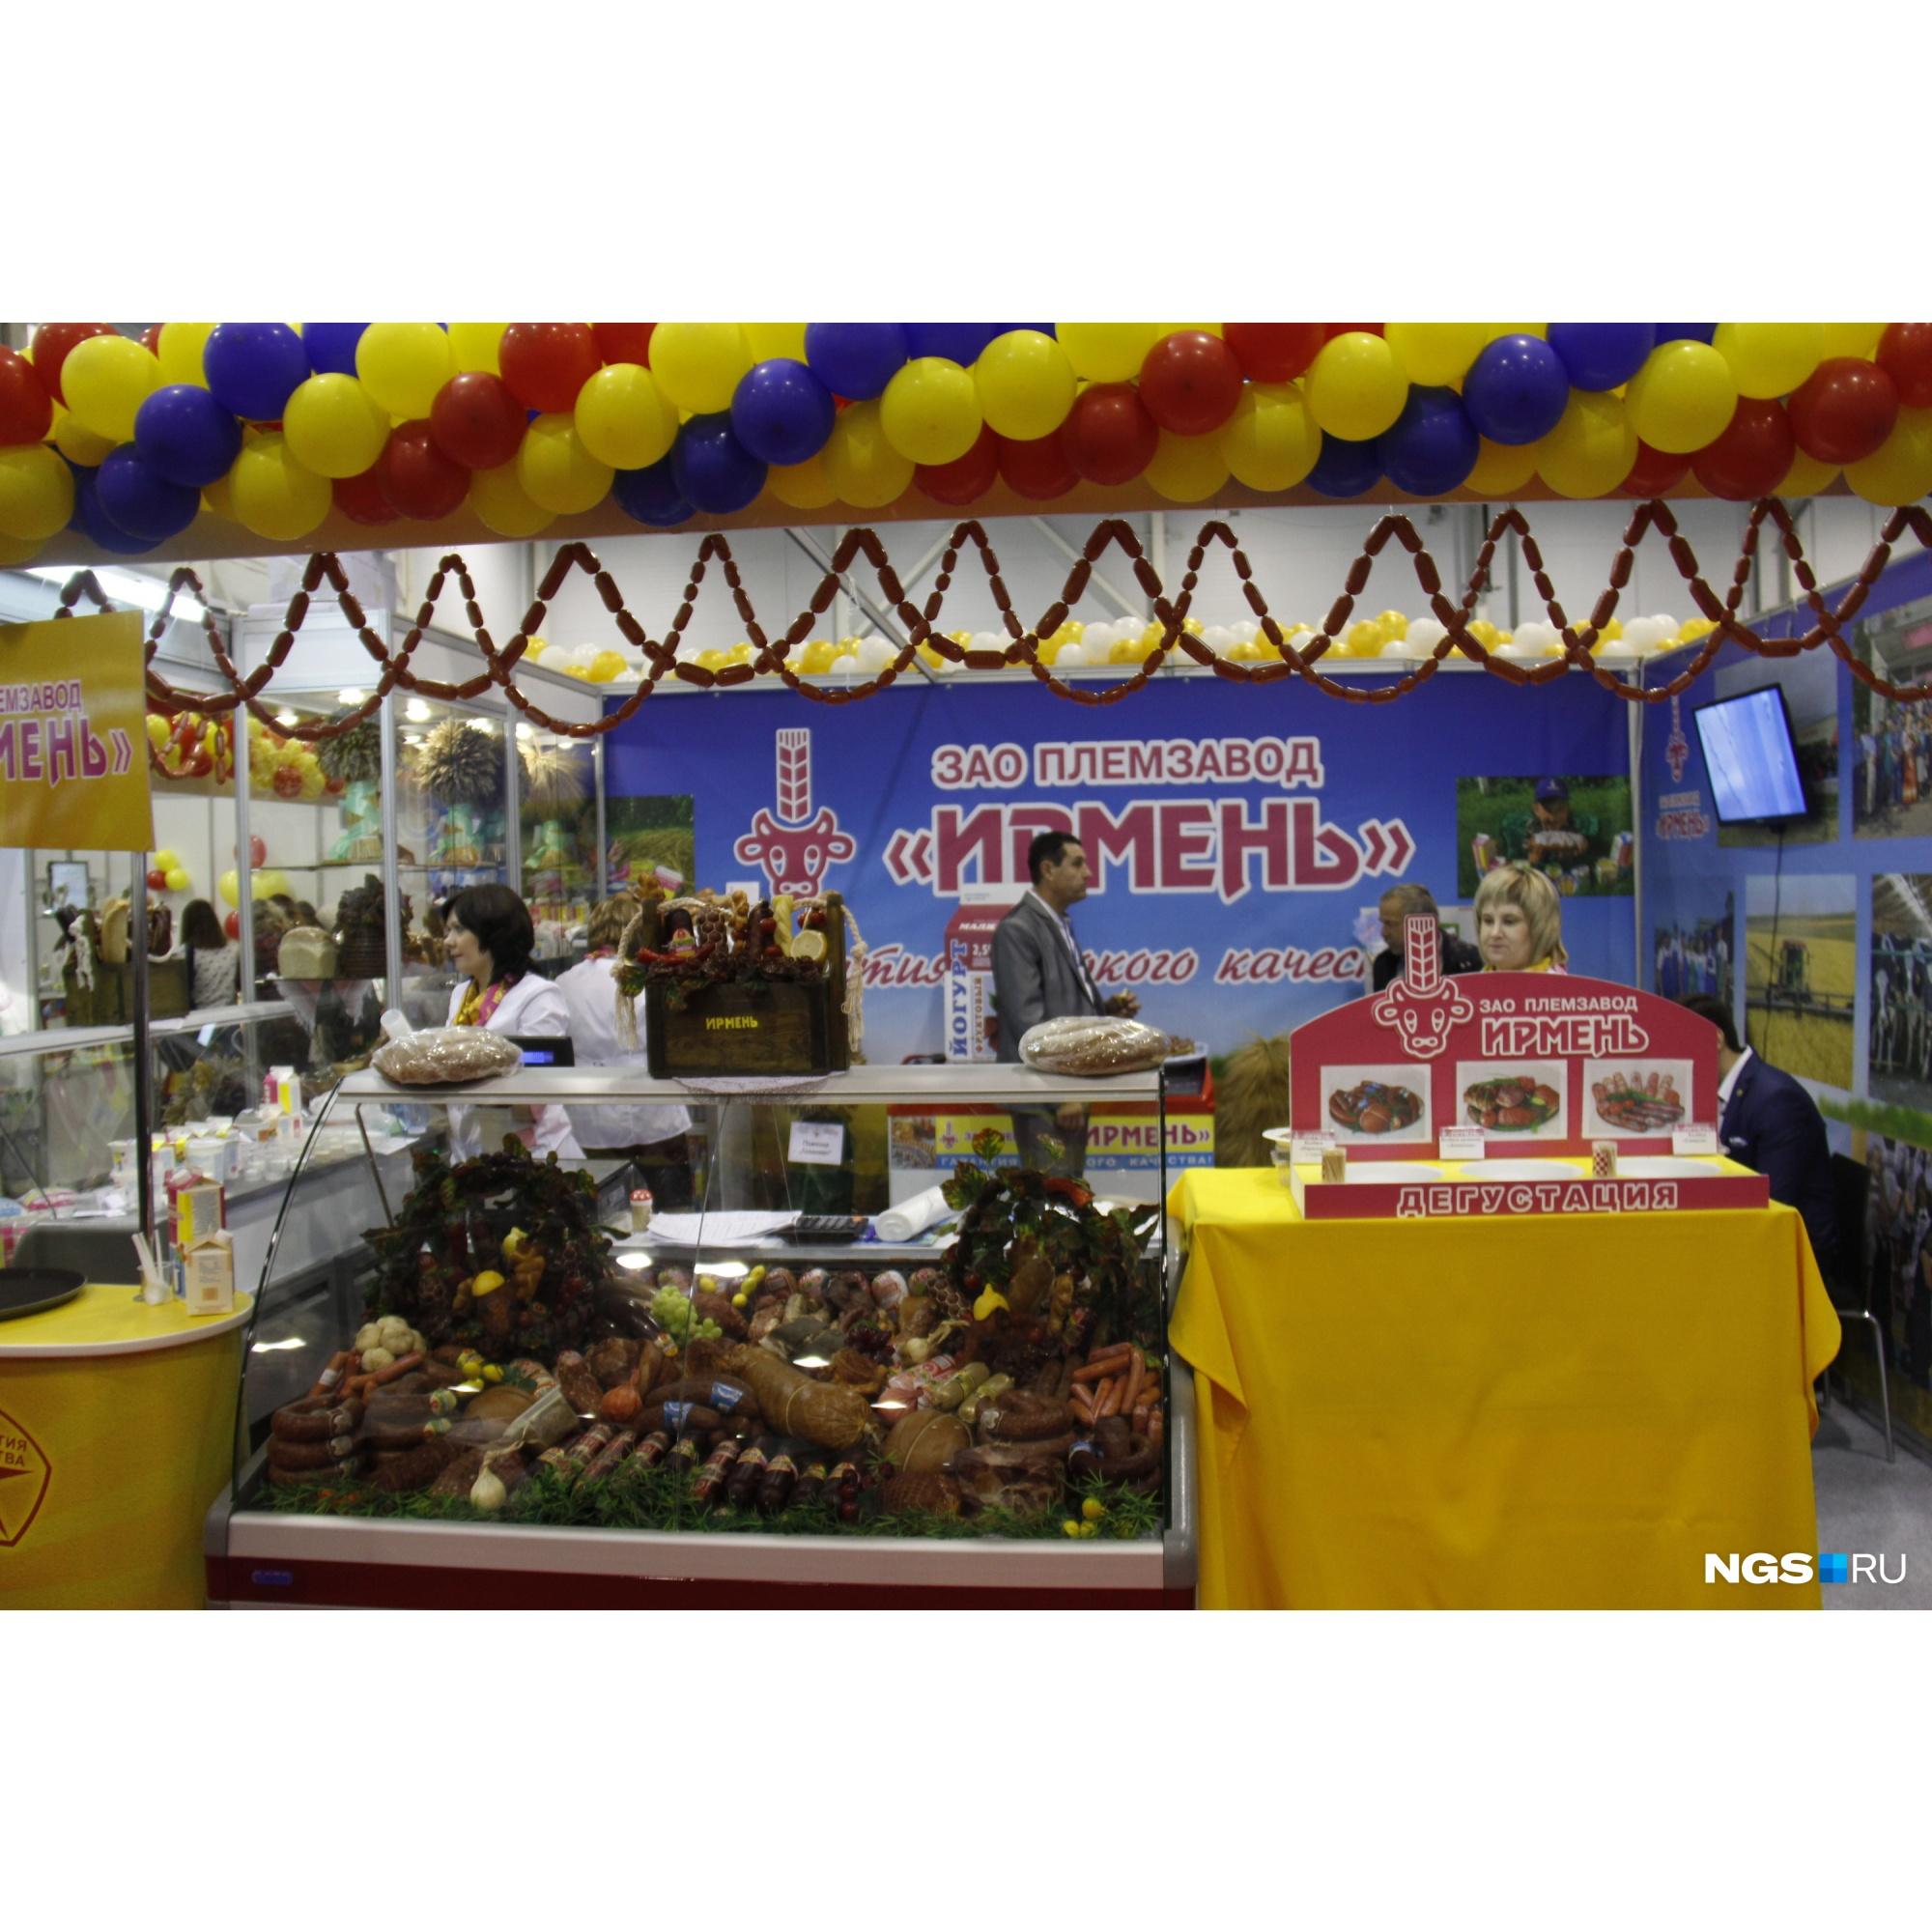 Руководительплемзавода «Ирмень» считает, что колбаса уже не является первым блюдом на праздничном столе